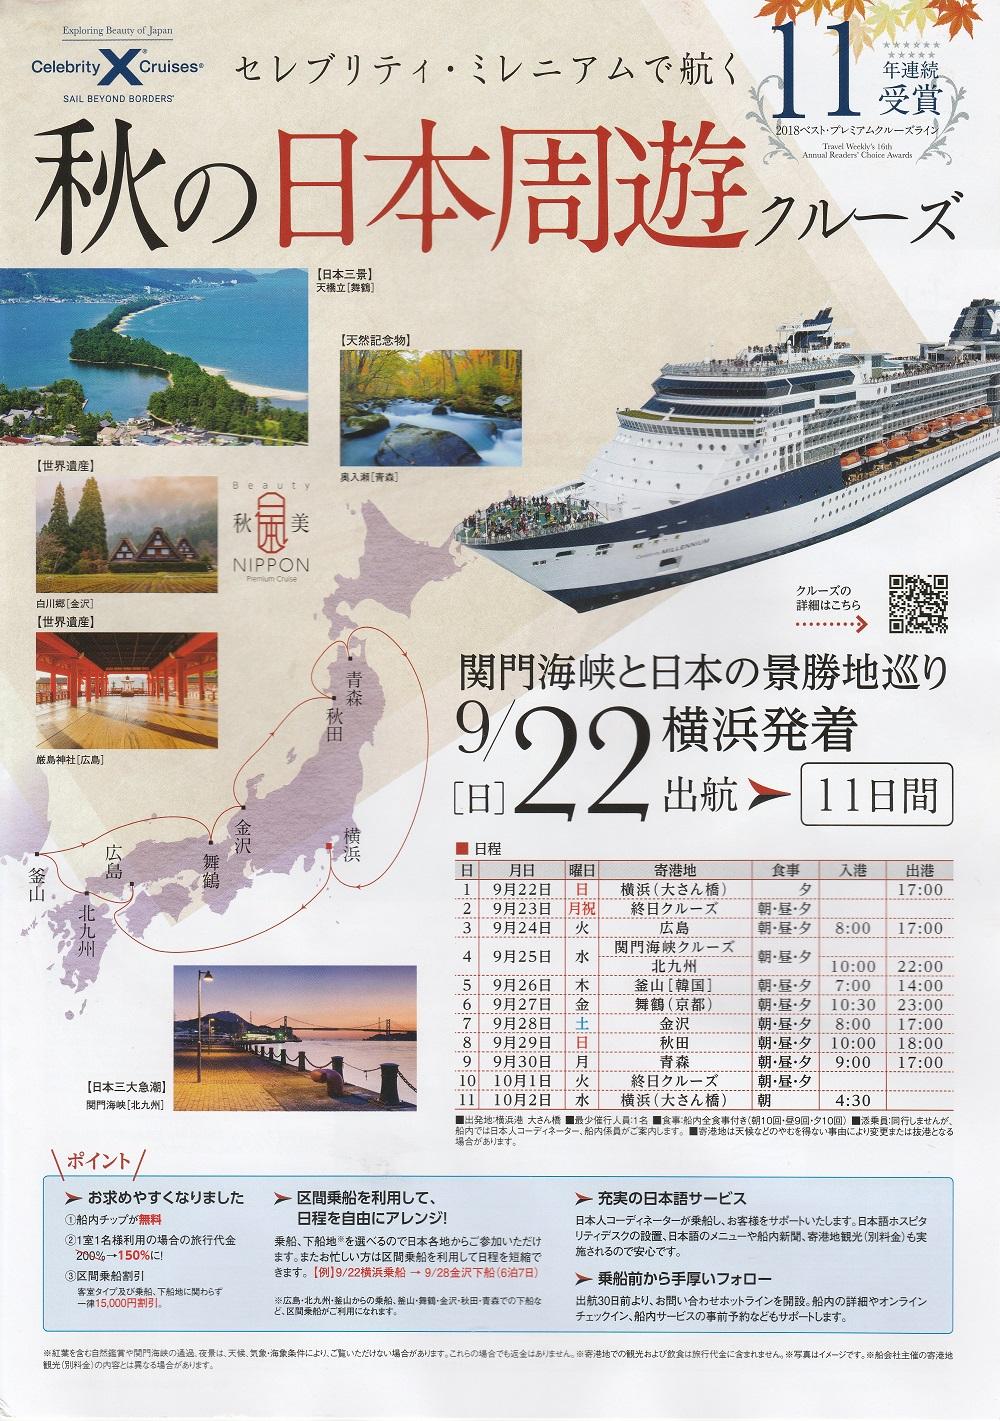 『セレブリティミレニアムで航く秋の日本周遊クルーズ』